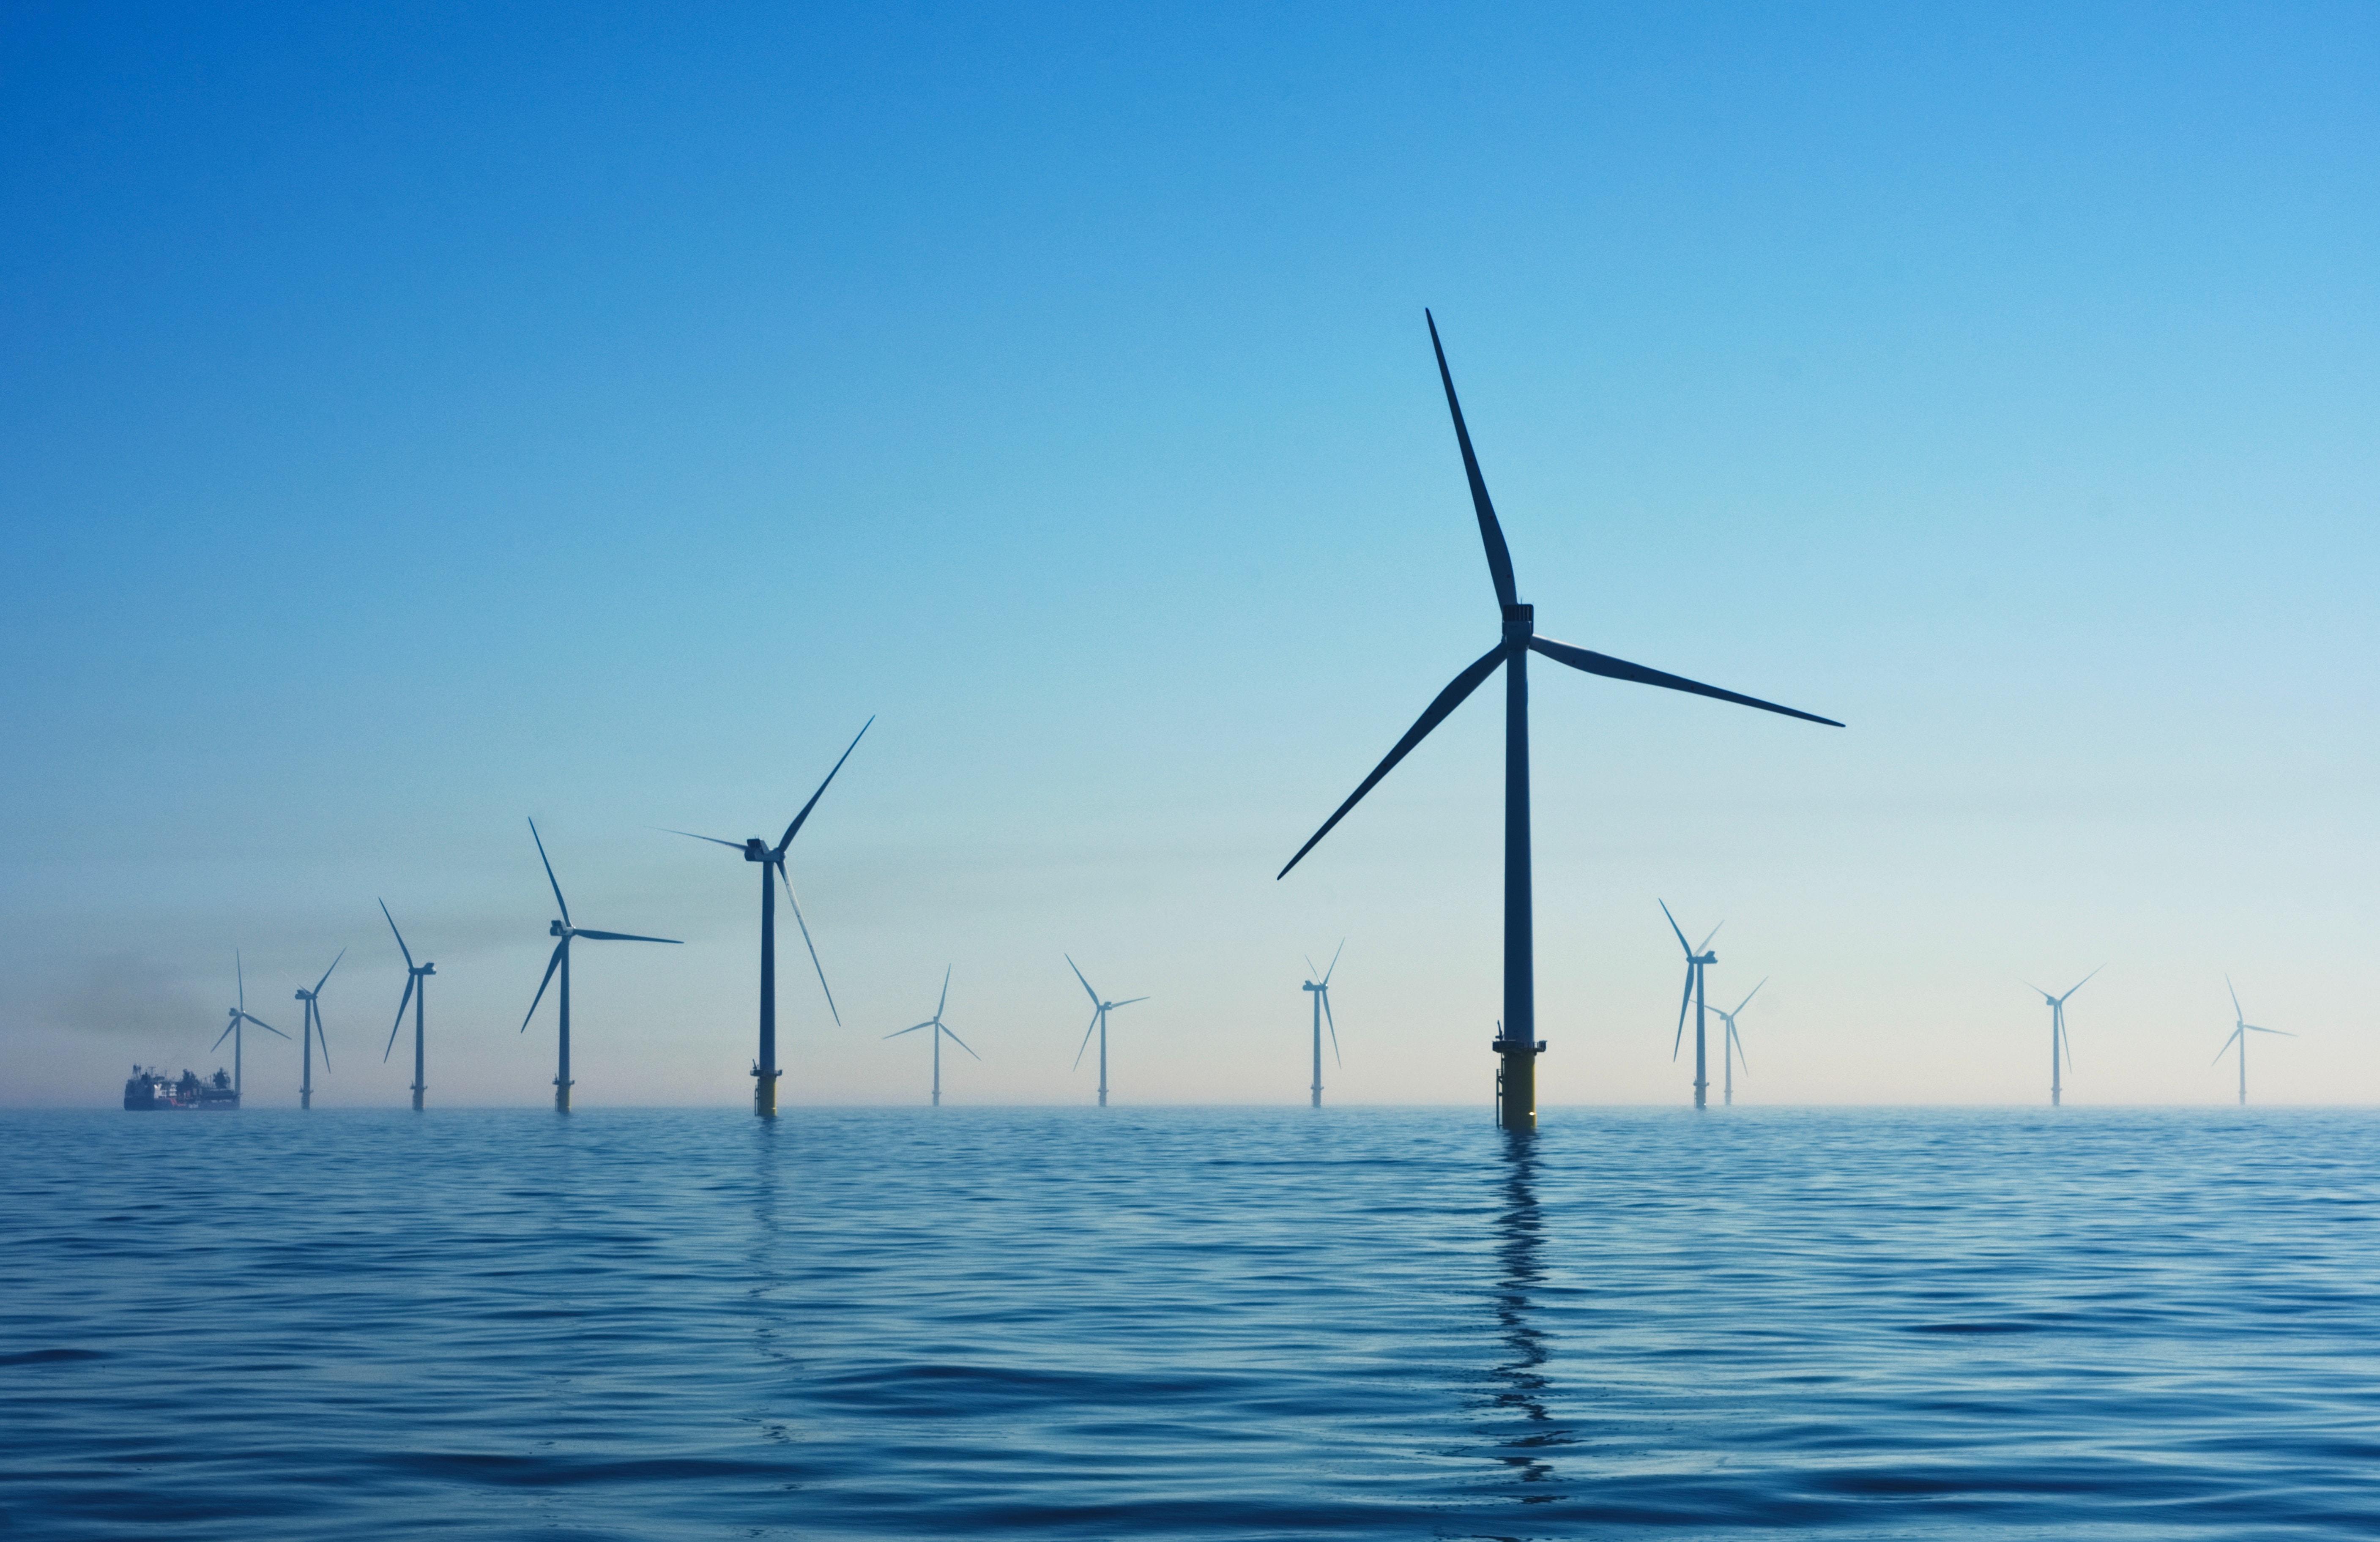 Éolien en mer : comment le flottant veut redynamiser la filière